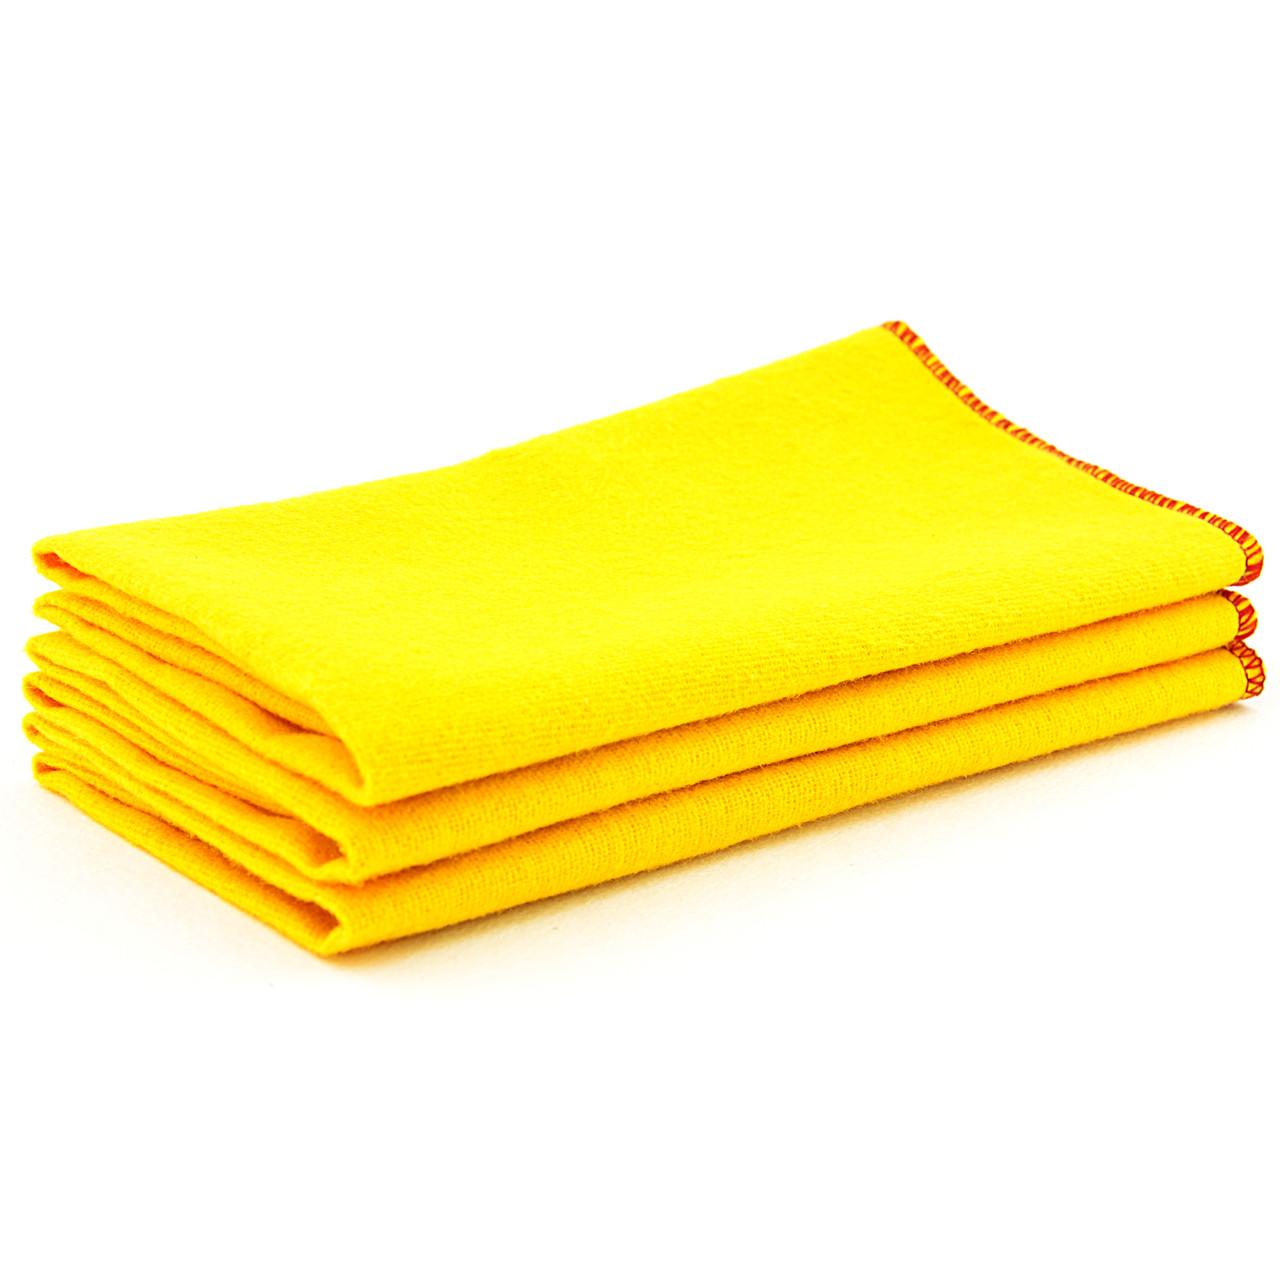 Хлопковая ткань для полировки Prestige 3 шт.